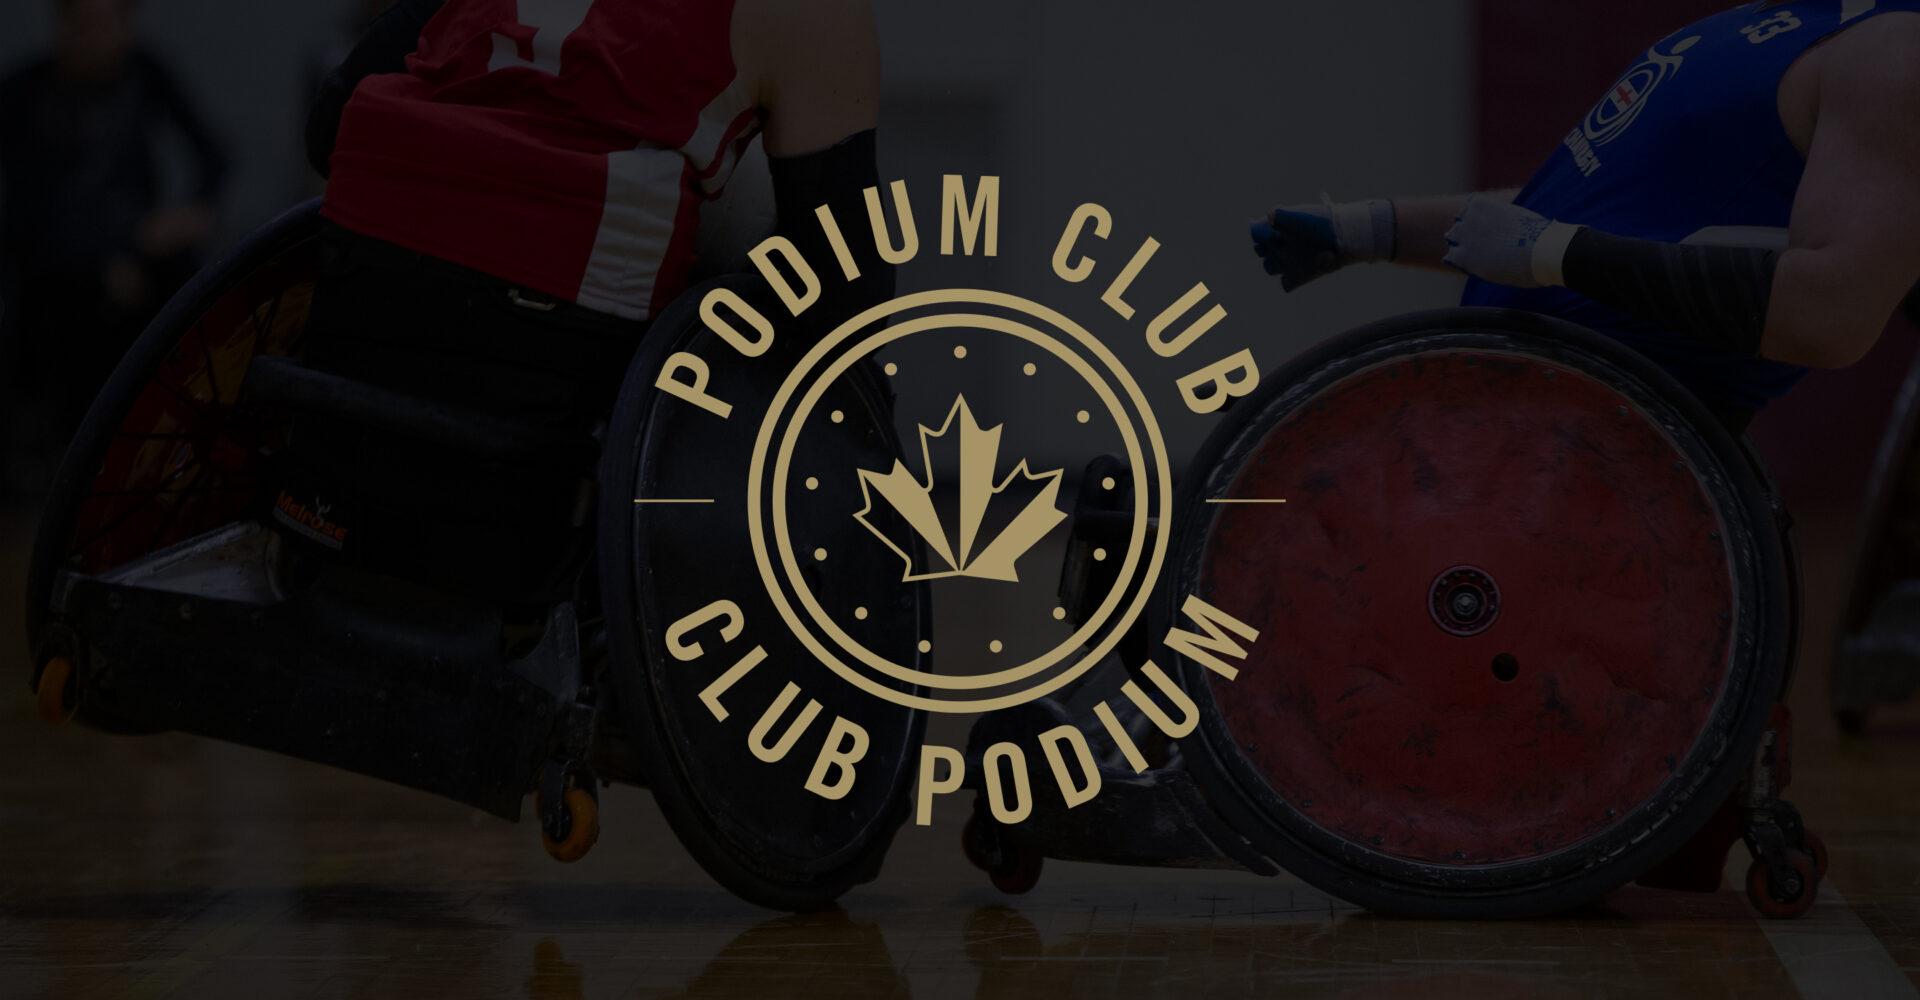 Annonce du club podium 2020-21